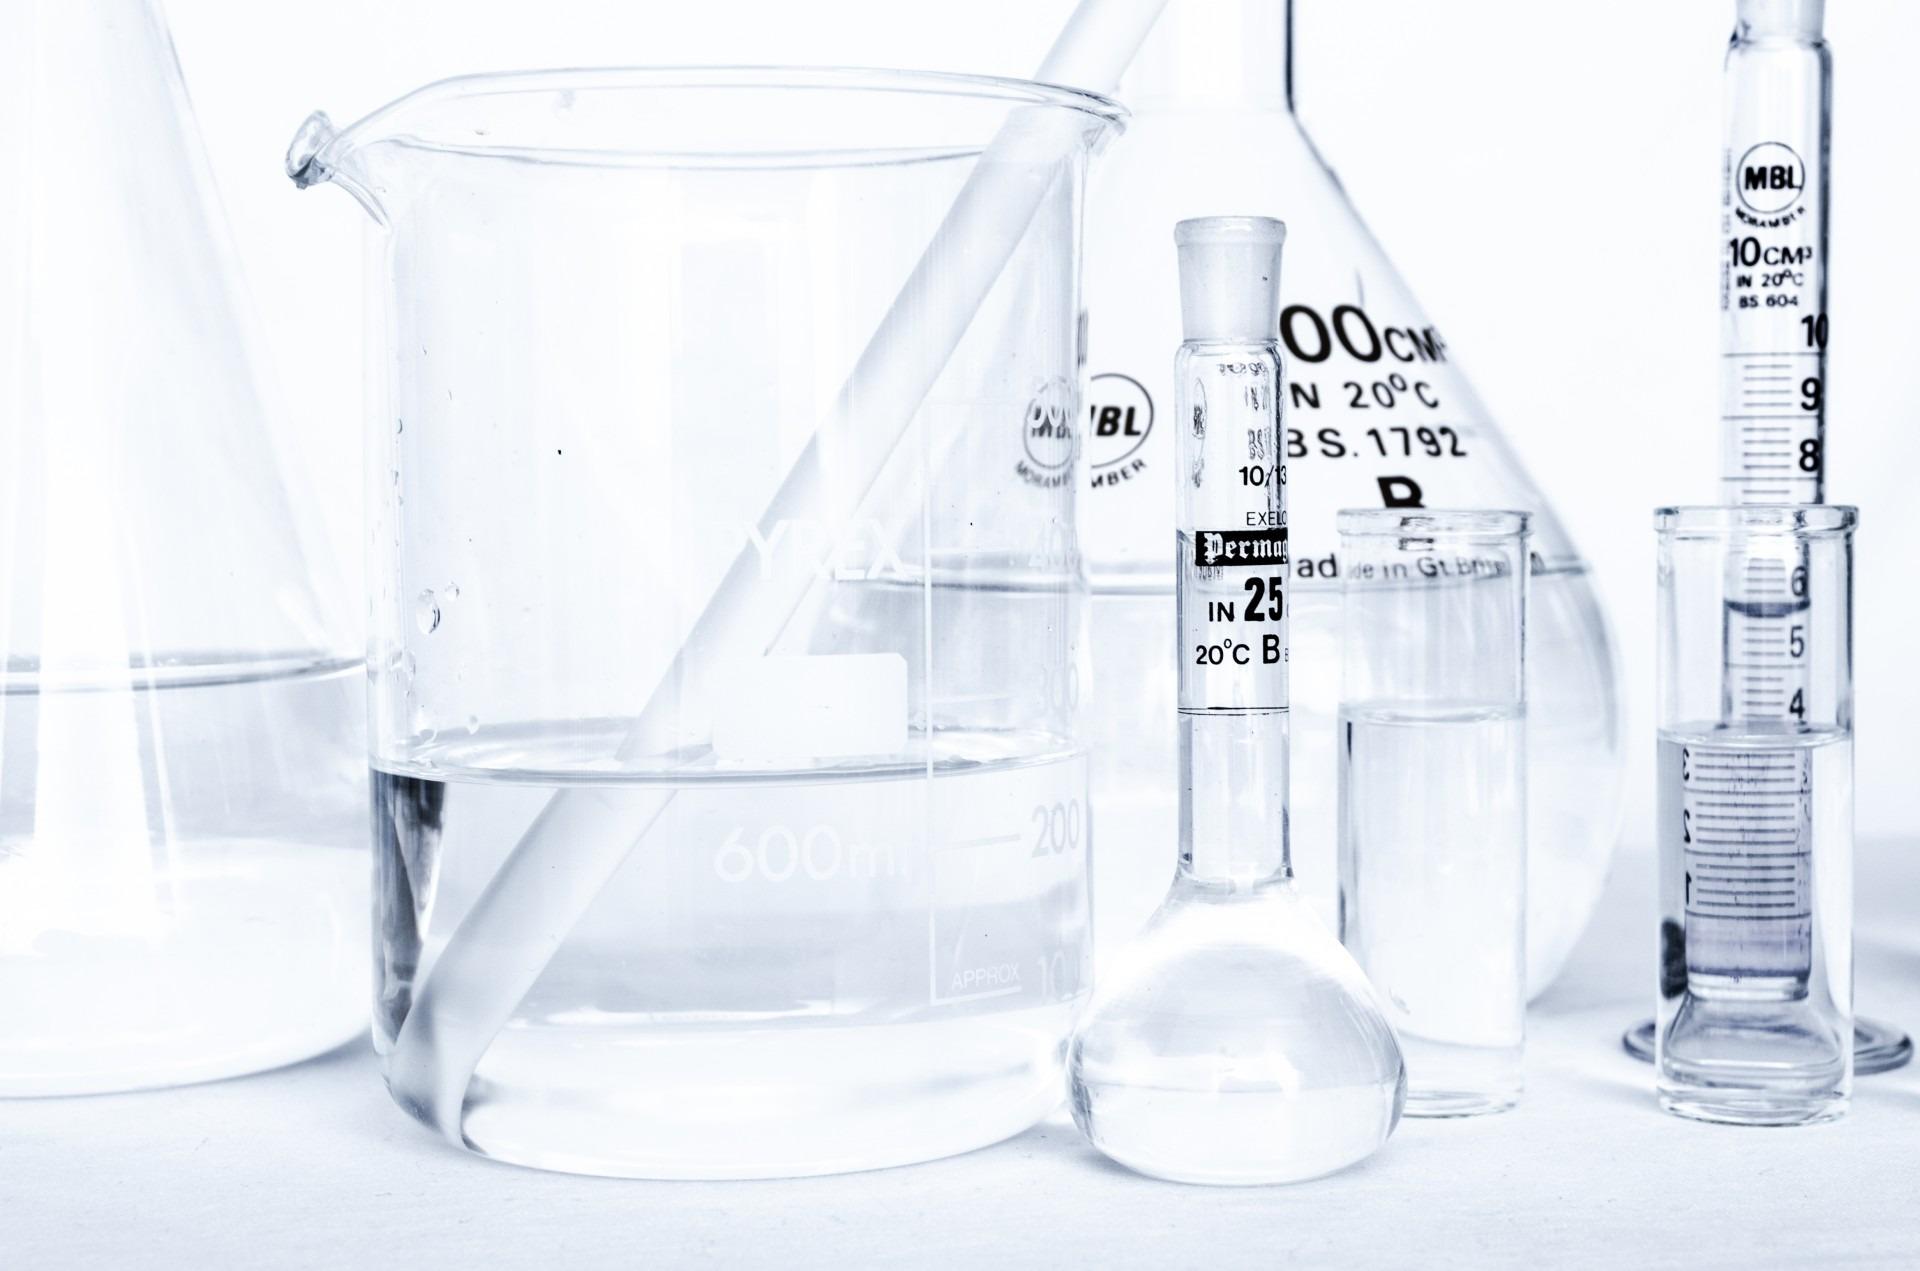 reguła przekory, reguła lenza, chemia, kolba, laboratorium